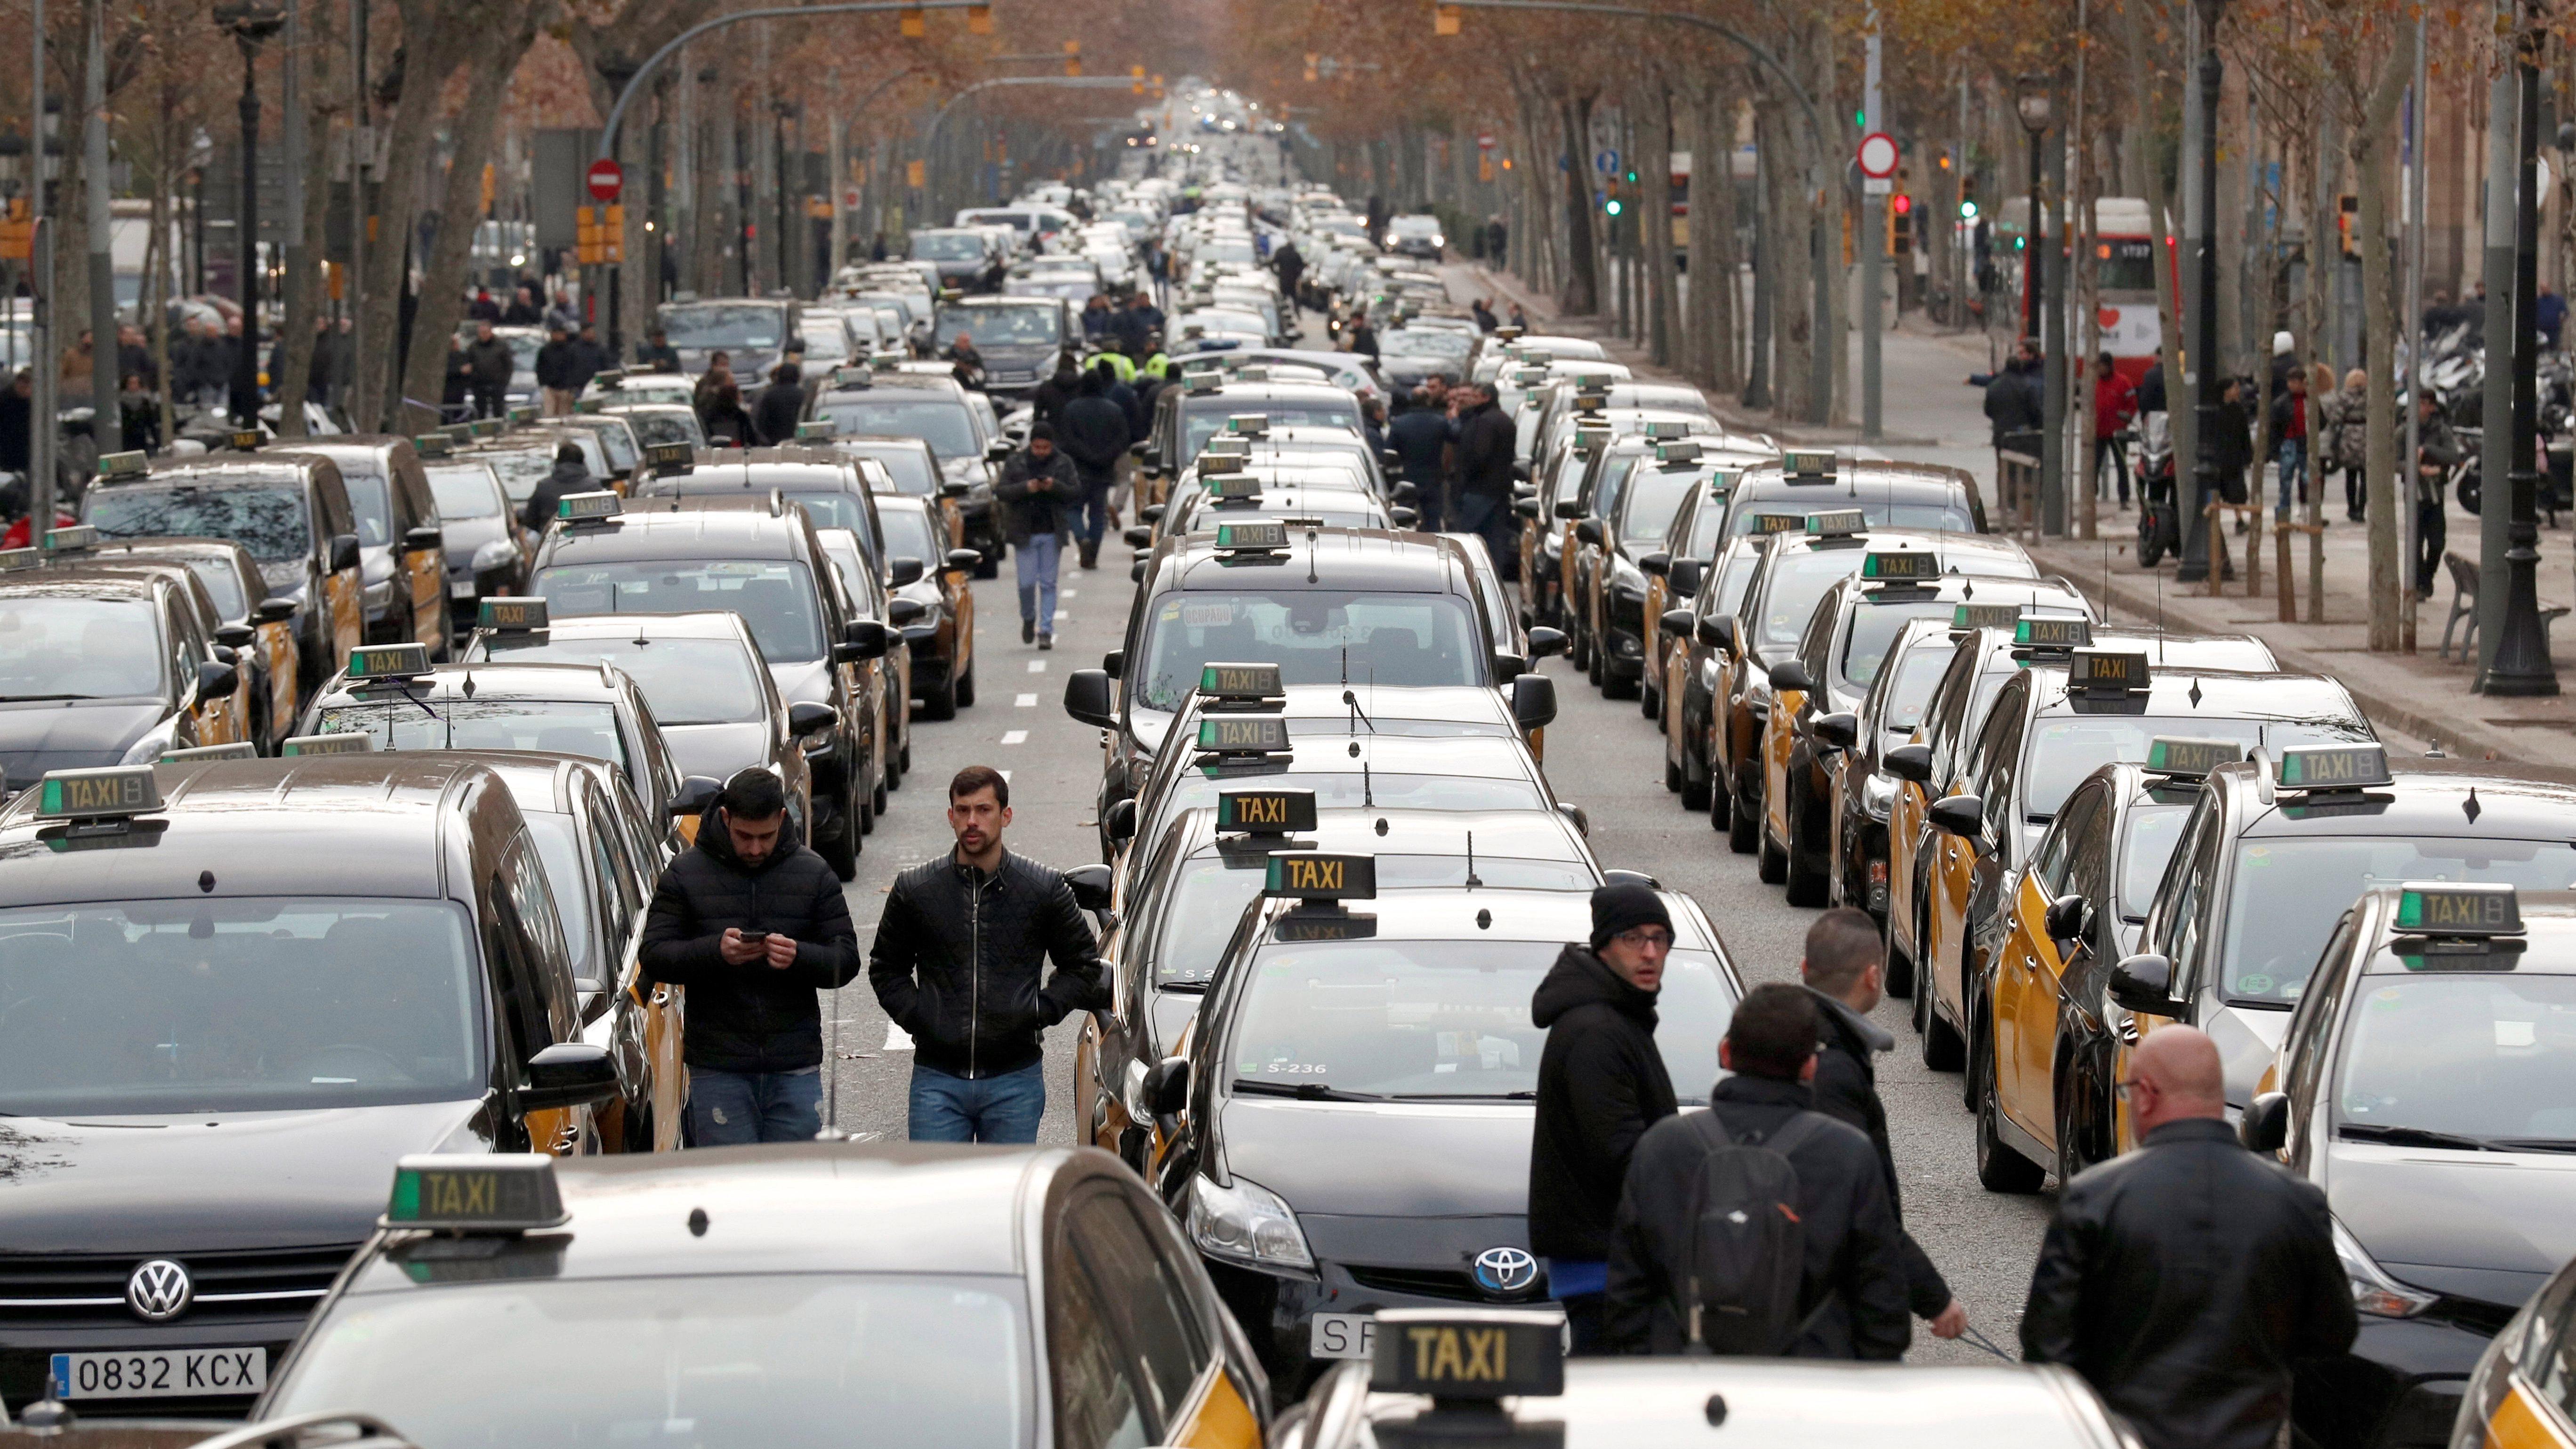 Lyft is no better than Uber